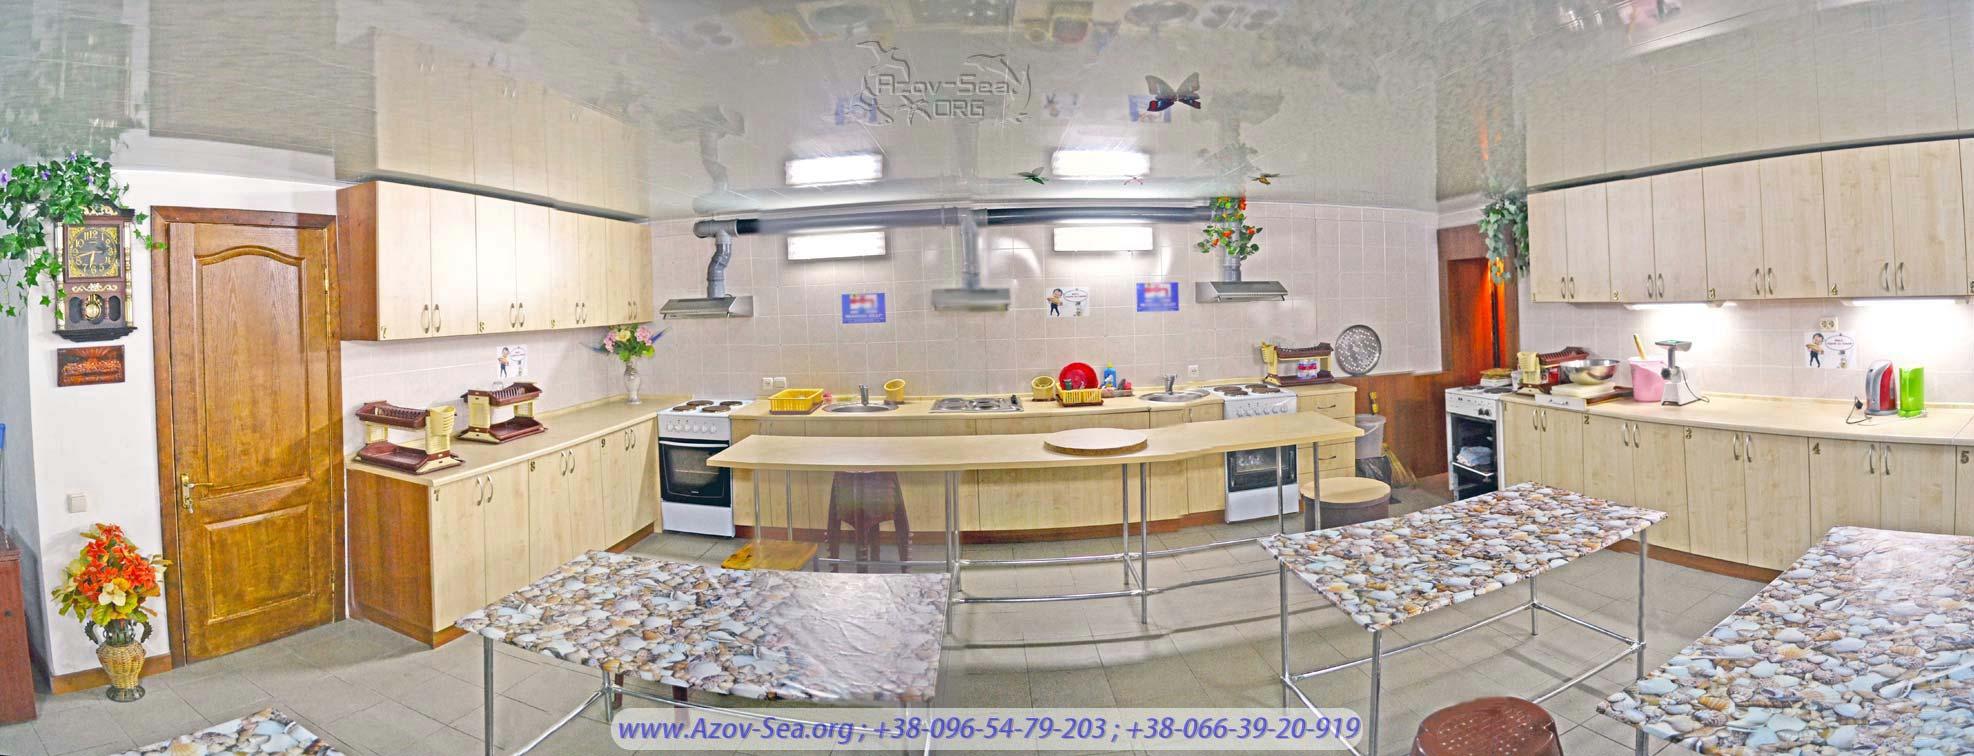 Большая кухня в Вашем распоряжении